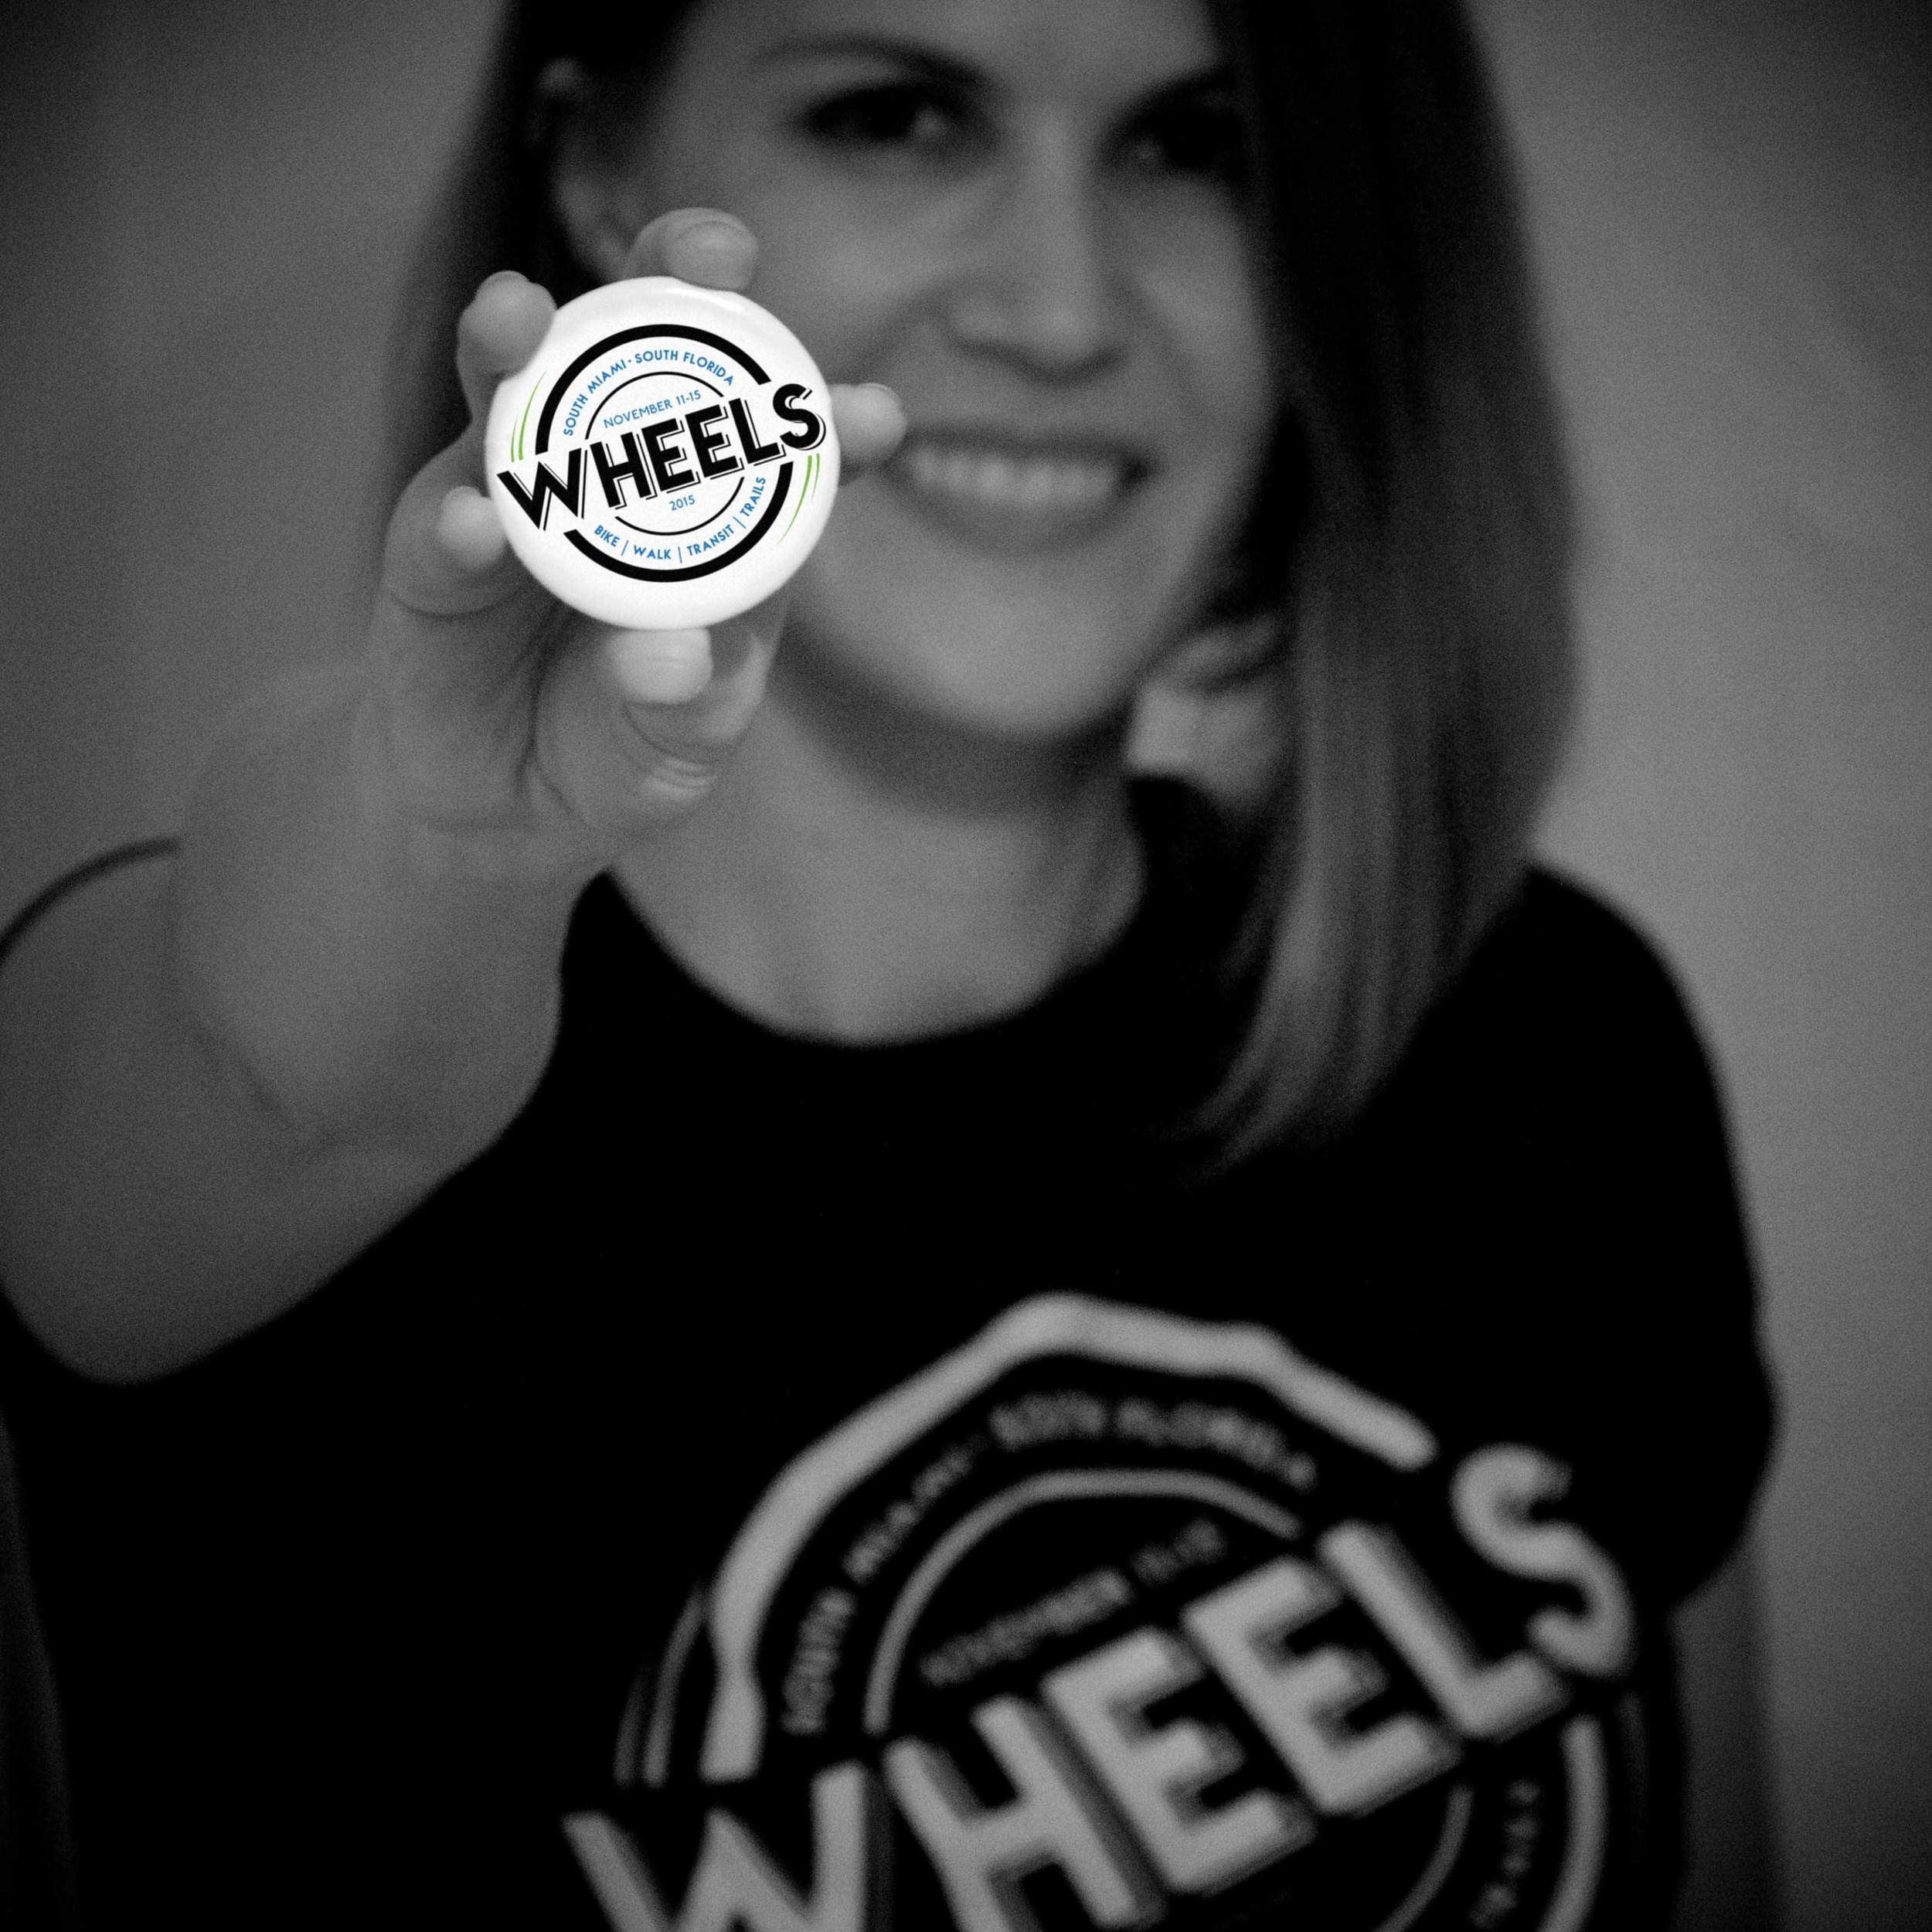 WHEELS_tshirt_sm.jpg